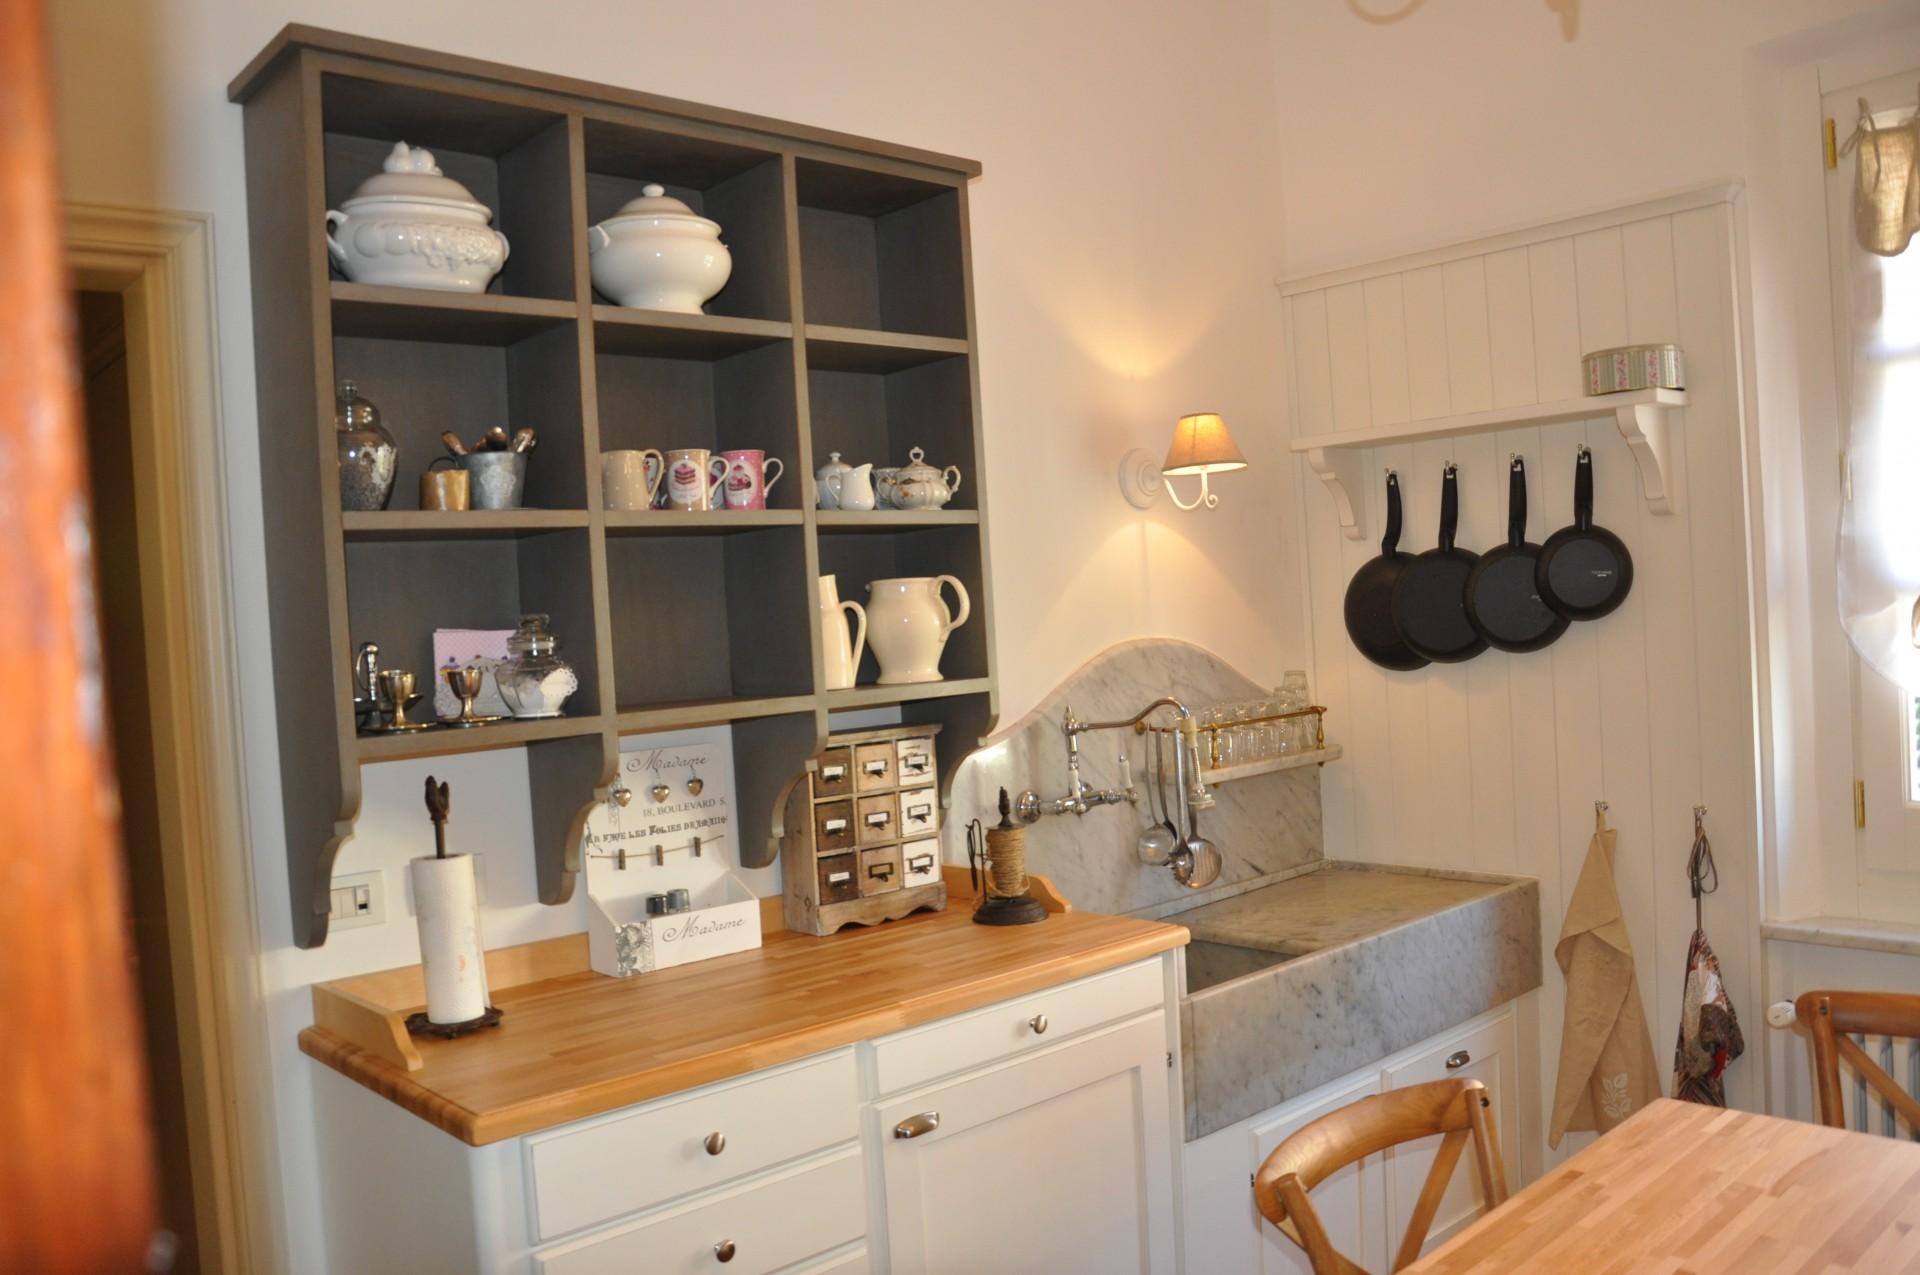 Cucina in legno di rovere fadini mobili cerea verona for Arredamento interni